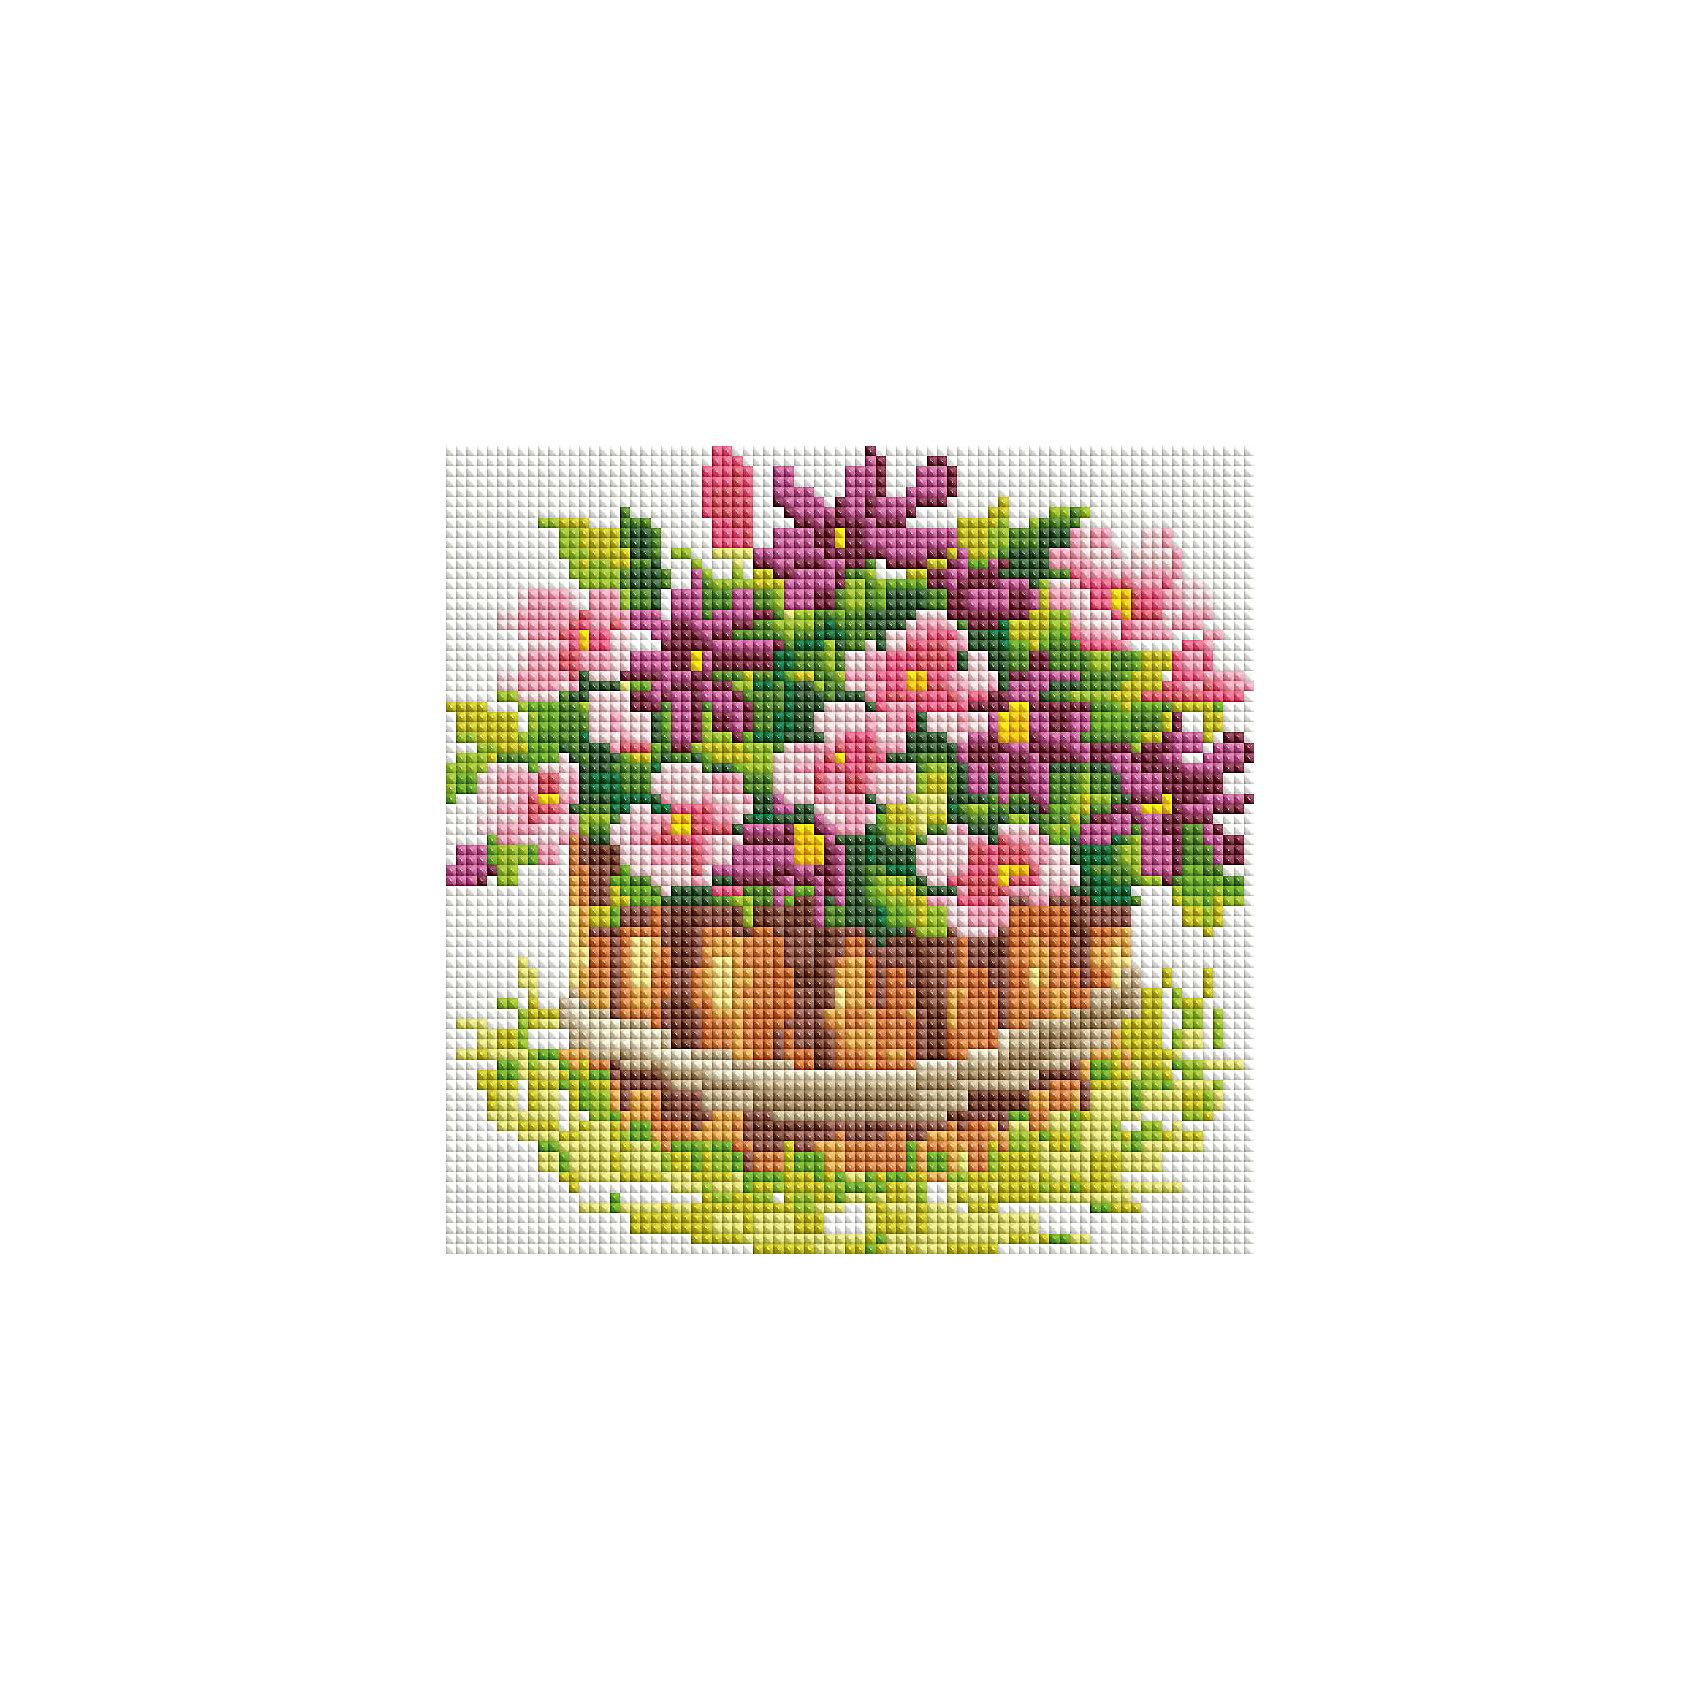 Мозаика на подрамнике Маленький цветникМозаика<br>Характеристики:<br><br>• Предназначение: для творческих занятий<br>• Тематика: цветы<br>• Пол: для девочек<br>• Материал: дерево, бумага, пластик<br>• Цвет: желтый, коричневый, зеленый, розовый, бордовый и др.<br>• Количество цветов: 25<br>• Комплектация: холст на подрамнике, стразы, пинцет, карандаш для камней, клей, лоток для камней инструкция<br>• Размеры готовой работы (Ш*Д): 20*20 см<br>• Тип выкладки камней: сплошное заполнение рисунка<br>• Стразы квадратной формы ограненные<br>• Вес: 680 г <br>• Упаковка: картонная коробка<br><br>Мозаика на подрамнике Маленький цветник – это набор от торговой марки Белоснежка, специализирующейся на товарах для творчества и рукоделия. Комплект для мозаики состоит из холста на деревянном подрамнике, набора необходимых камней и приспособлений для их выкладки. На холст нанесен рисунок с указанием цвета камней. С помощью пинцета выкладывается картина способом сплошного заполнения, что создает реалистичность изображения. Все материалы, используемые в наборе, экологичные и натуральные. Готовые наборы научат вашего ребенка сочетать цвета и оттенки, действовать по заданному образцу, будут способствовать развитию внимательности, усидчивости и зрительному восприятию. <br>Занятия художественным творчеством являются не только средством творческого и эстетического развития, но также воспитания и коррекции эмоциональных комплексов у детей и подростков. <br><br>С наборами от Белоснежки можно создать как отдельную картину, так и использовать поделку в качестве оригинального и яркого аксессуара для оформления интерьера или других более крупных предметов и поделок.<br><br>Мозаику на подрамнике Маленький цветник можно купить в нашем интернет-магазине.<br><br>Ширина мм: 210<br>Глубина мм: 210<br>Высота мм: 25<br>Вес г: 826<br>Возраст от месяцев: 144<br>Возраст до месяцев: 192<br>Пол: Женский<br>Возраст: Детский<br>SKU: 5089780